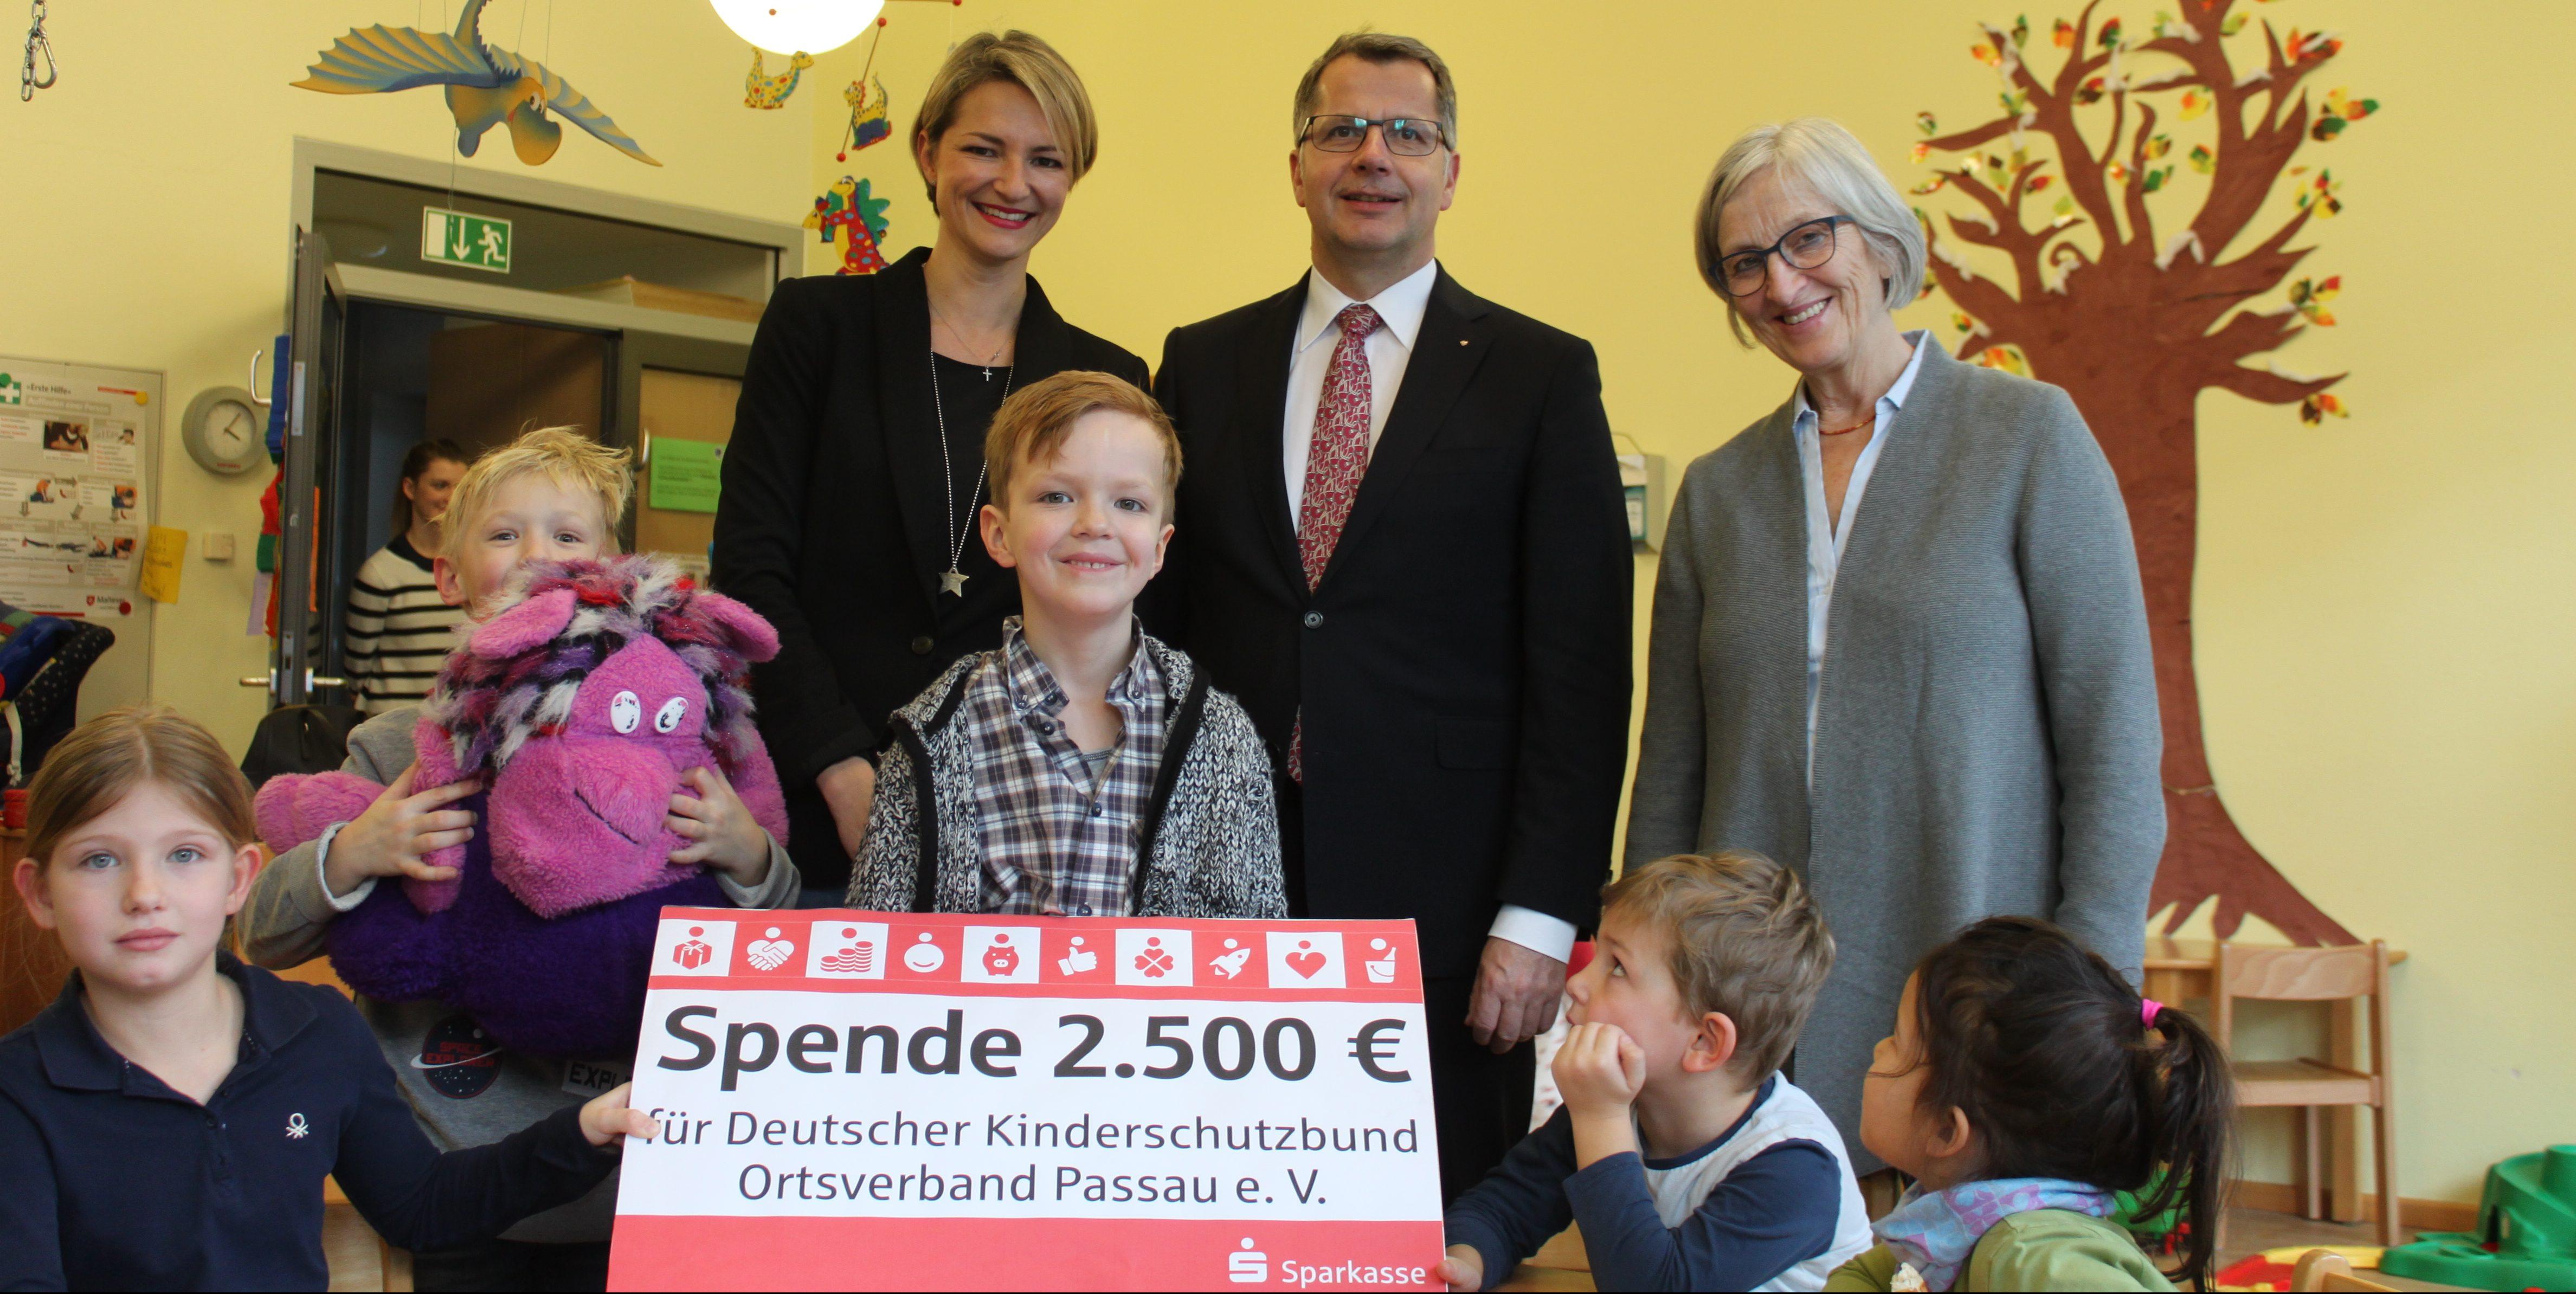 Sparkasse Passau spendet für den Kinderschutzbund